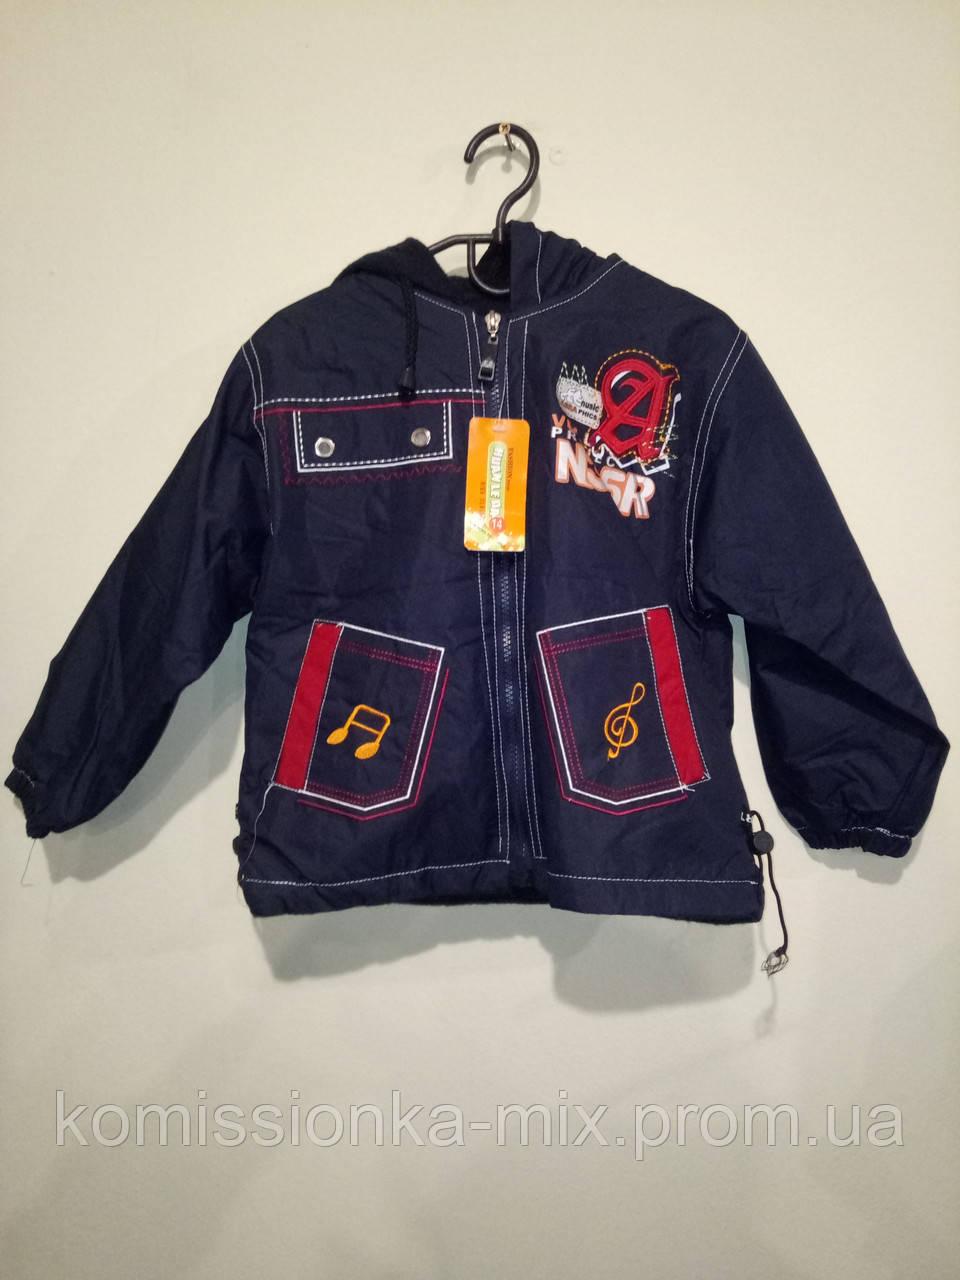 Куртка демисезонная 14 р. (Новая)